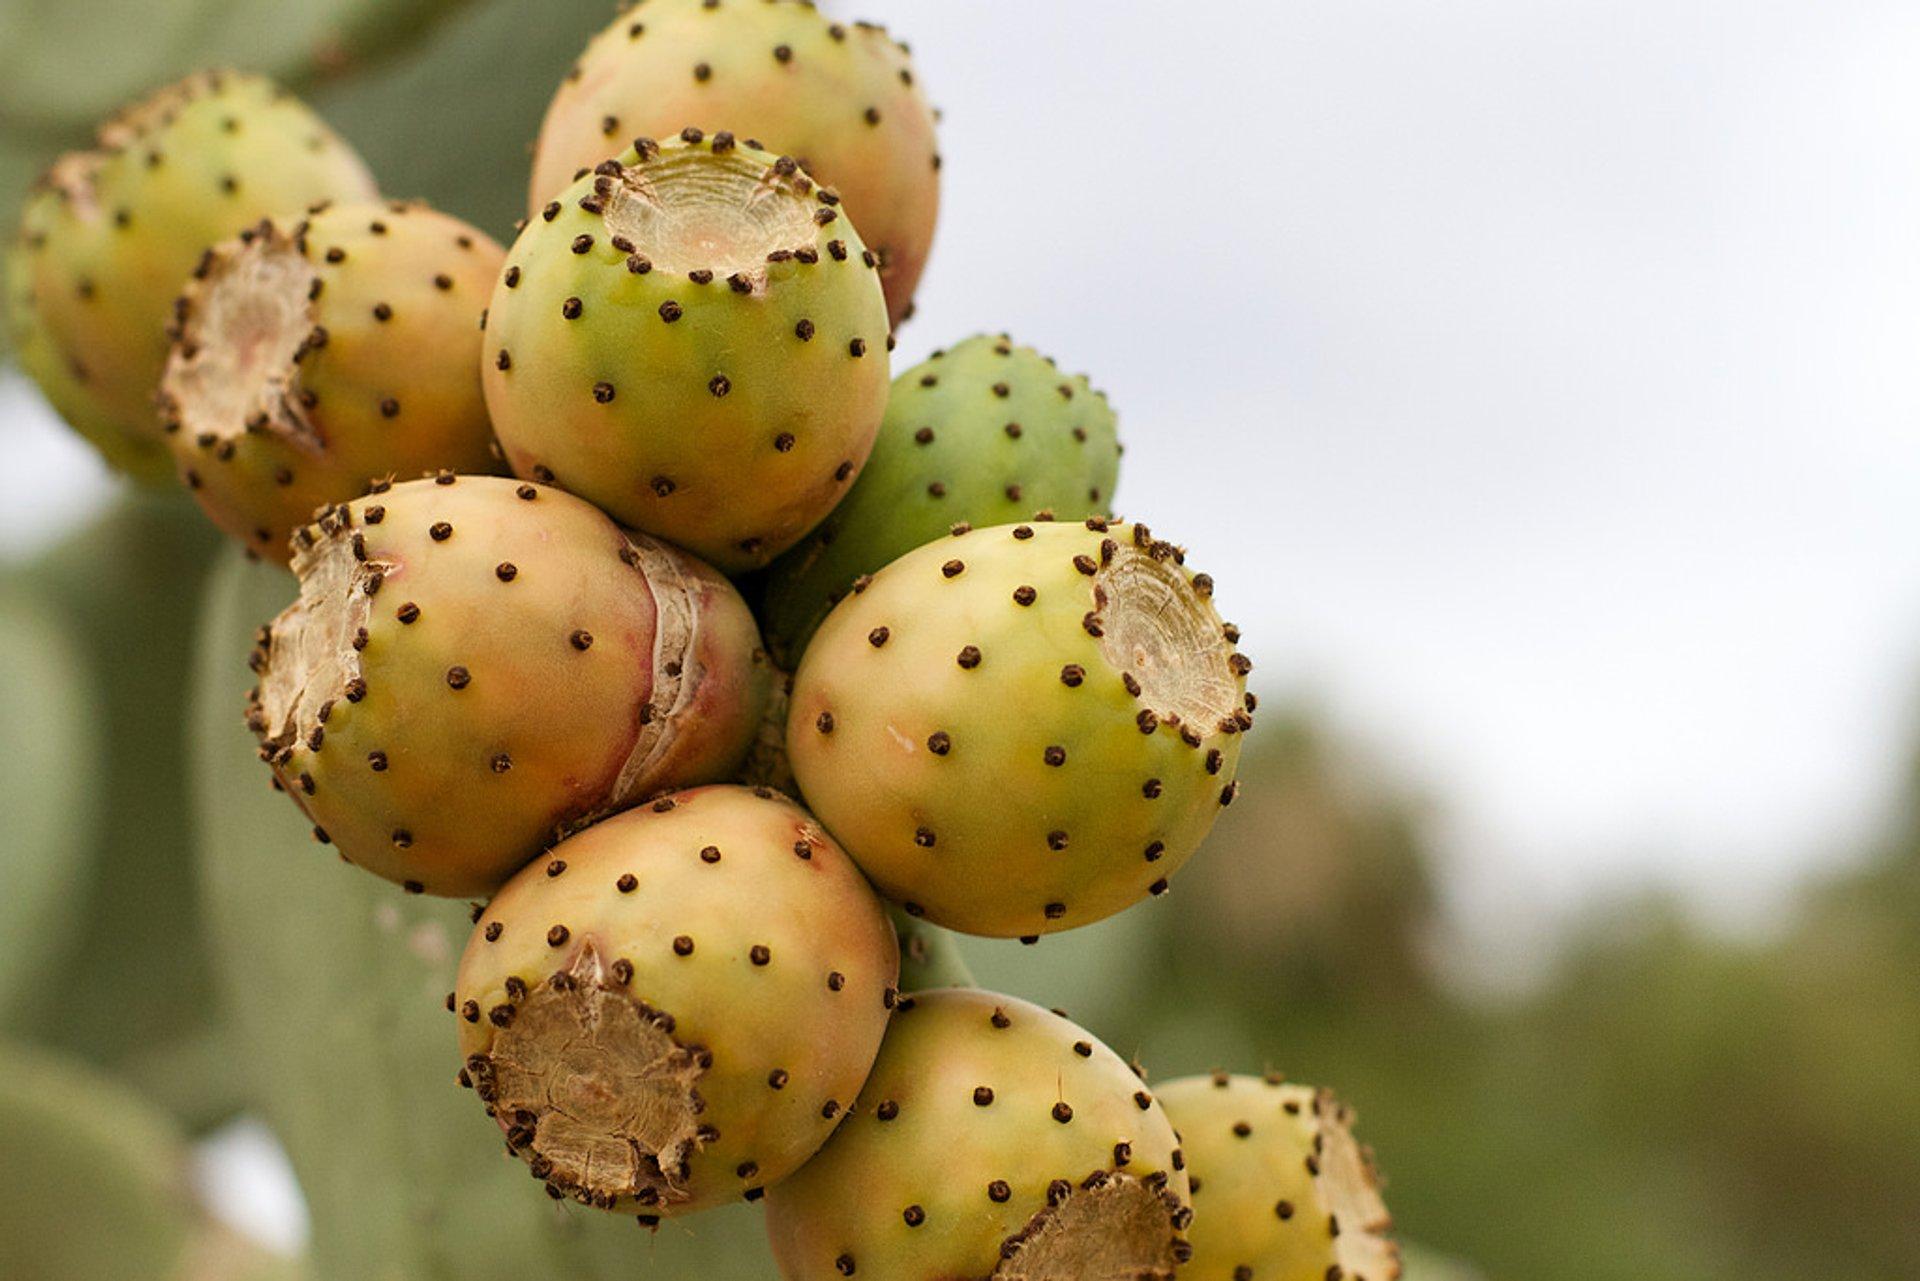 Cactus Pear in Jordan 2020 - Best Time